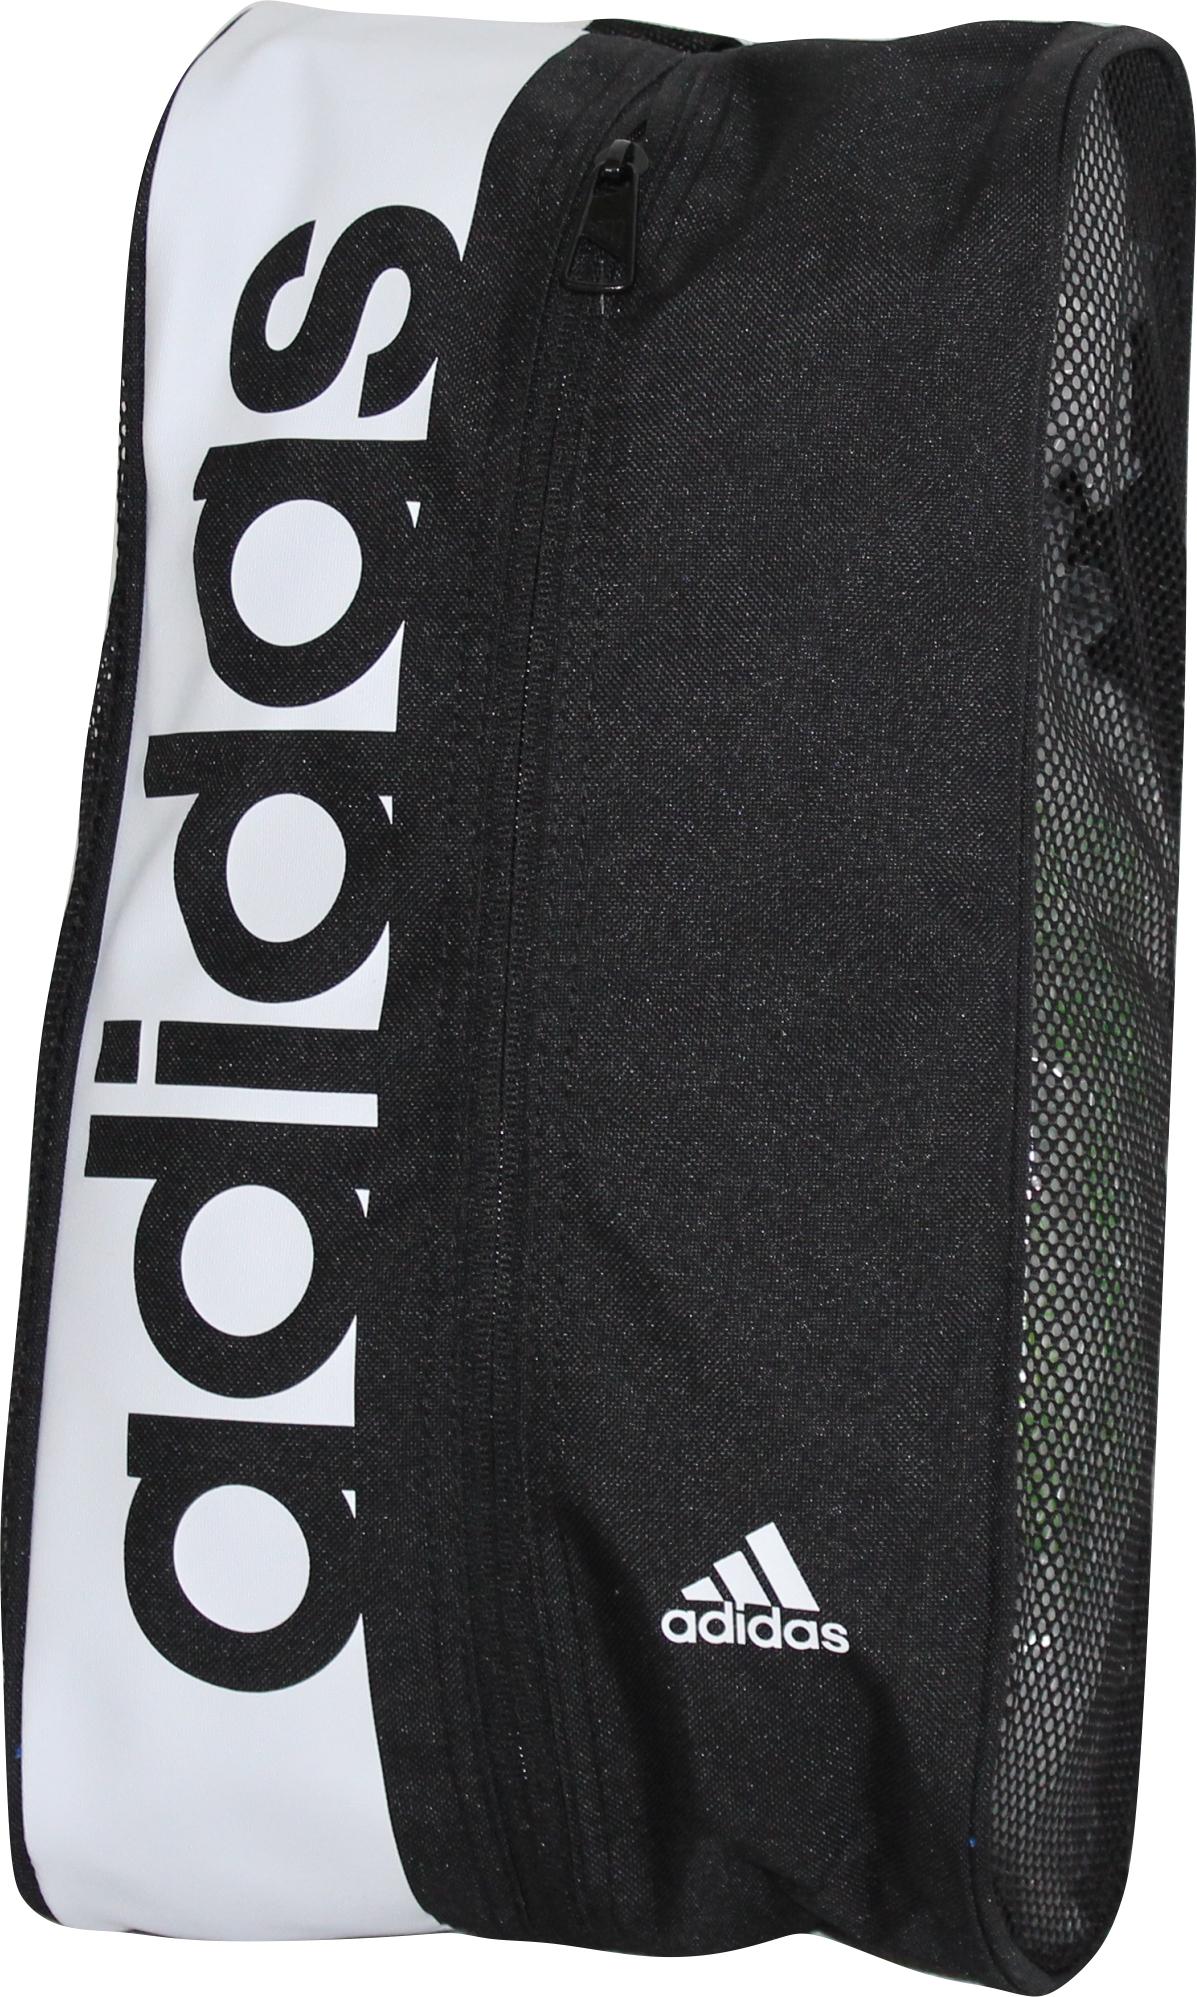 Tennisshop Tennisseite Tp24 Adidas Schuhtasche Shoebag Weiß Schwarz